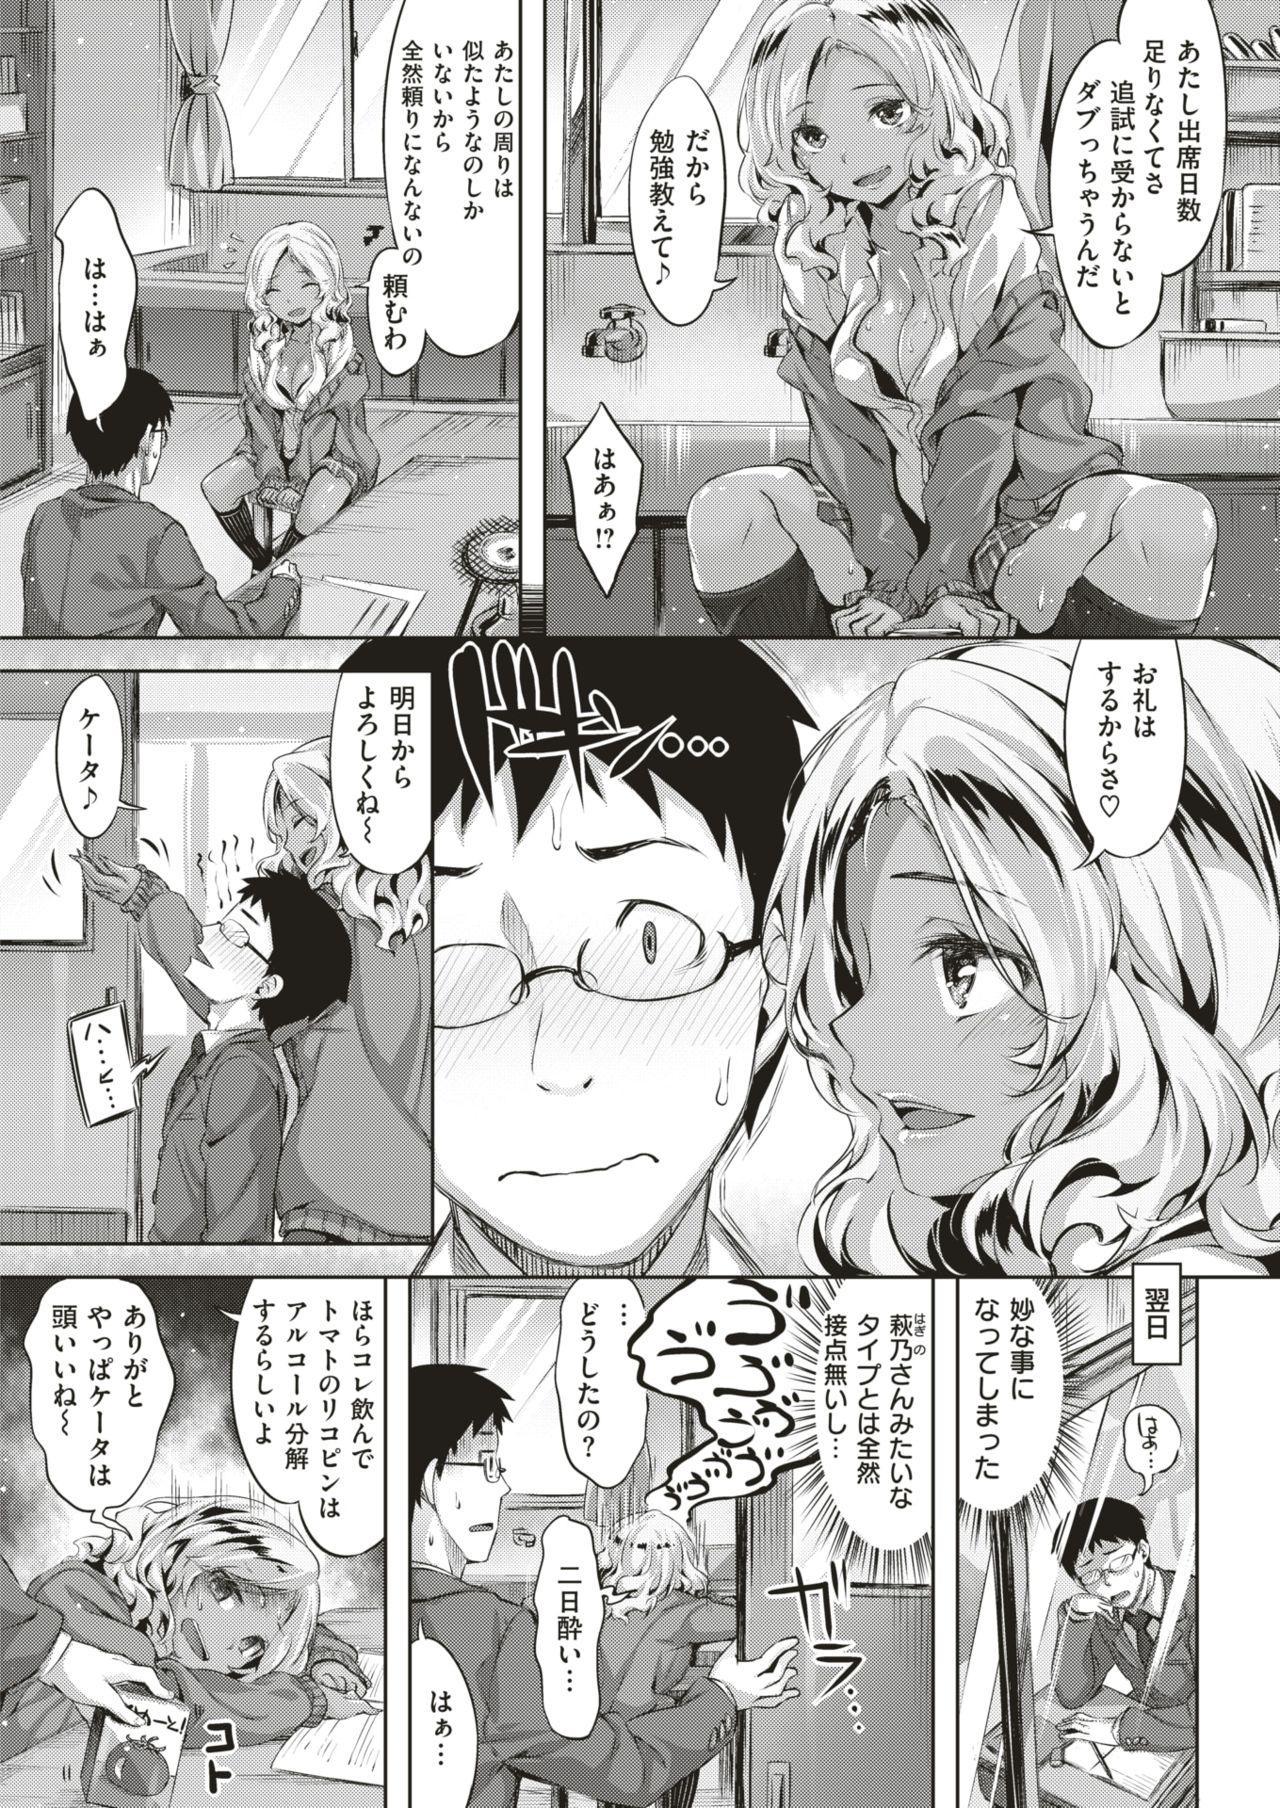 COMIC Kairakuten BEAST 2017-11 47